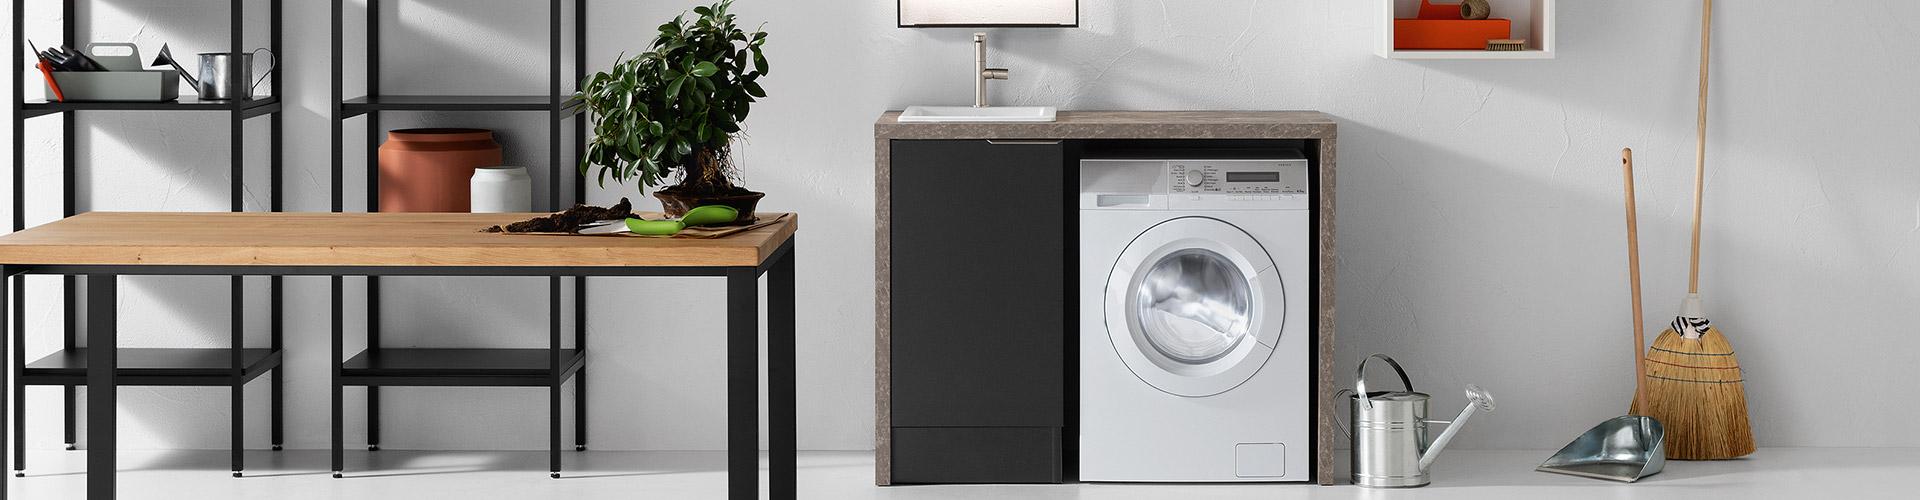 Lavanderia bagno compab carboni casa - Bagno e lavanderia ...